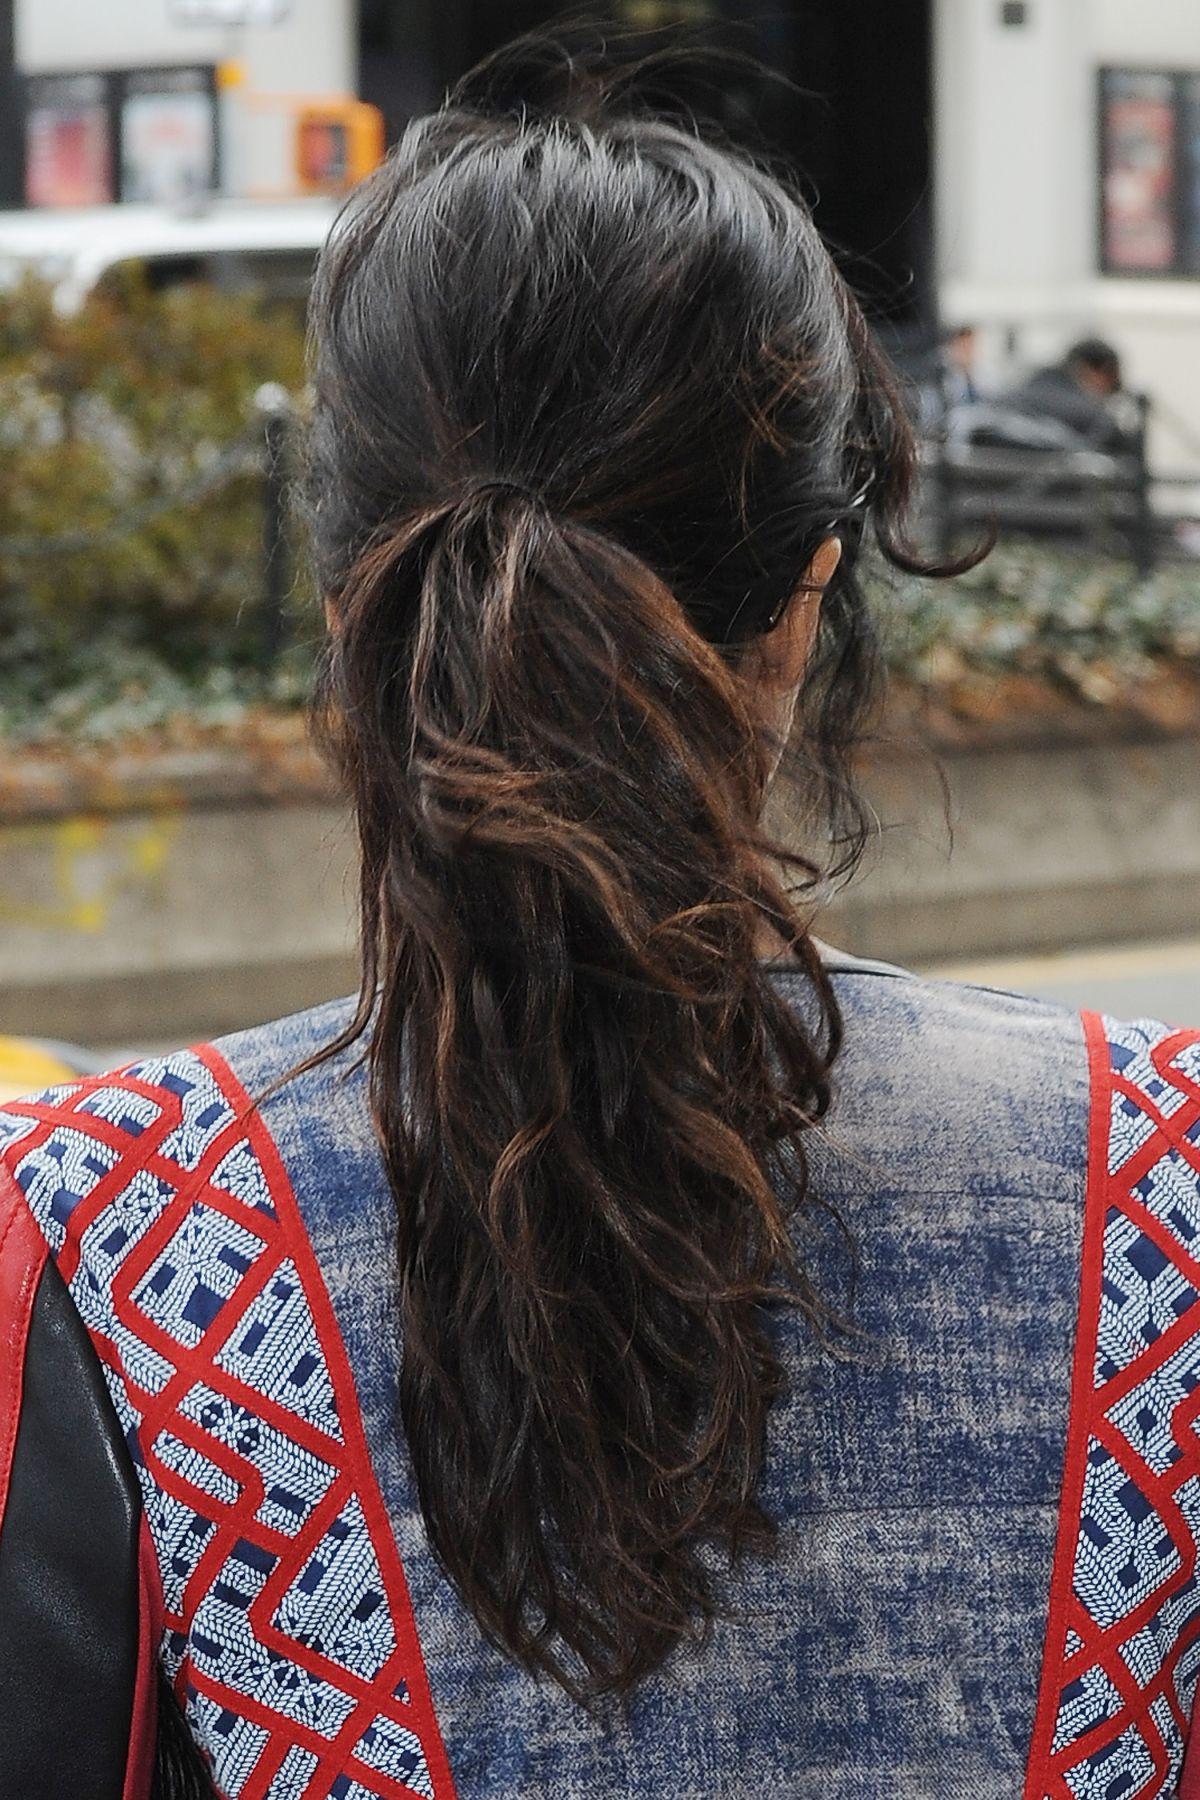 padma lakshmi leaves her apartment in new york 04212015 - Brown Apartment 2015